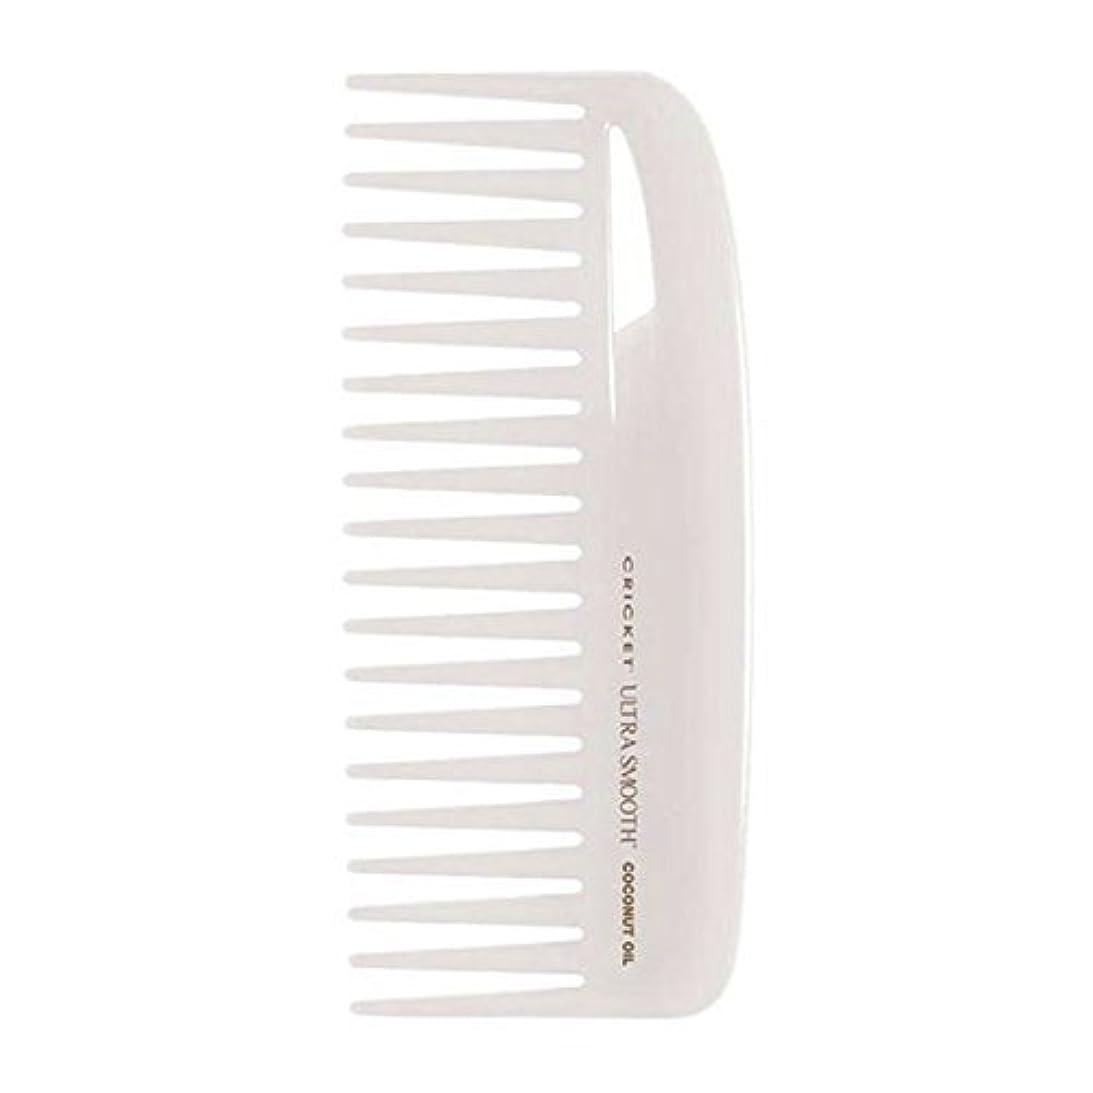 気味の悪い不安陰気Cricket Ultra Smooth Coconut Conditioning Comb, 1 Count [並行輸入品]